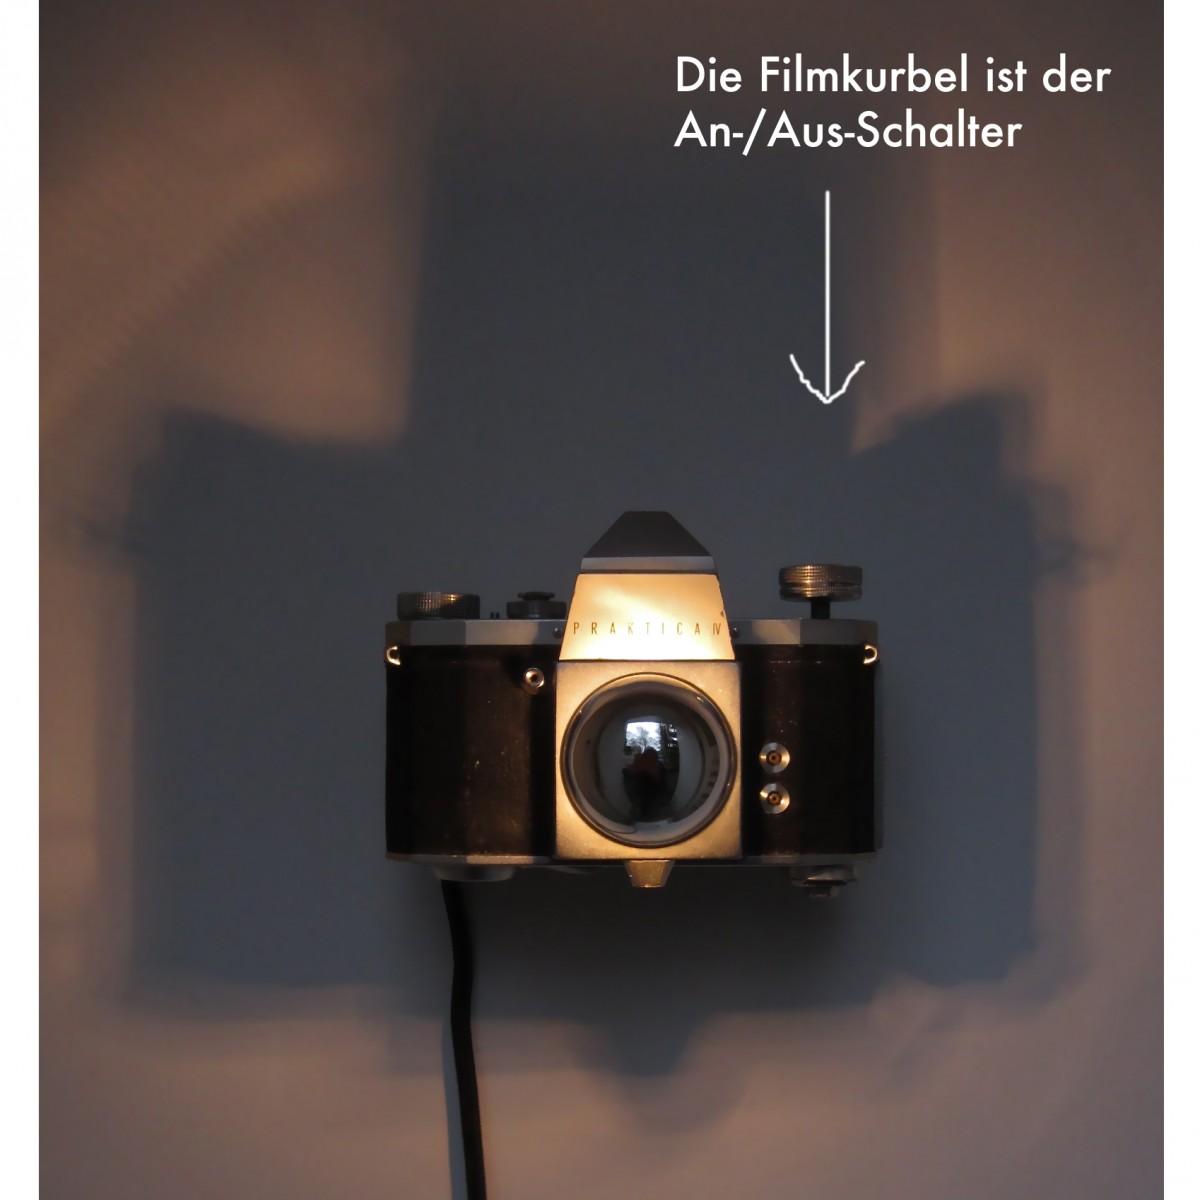 SpiegelreflexLampe Praktica FX